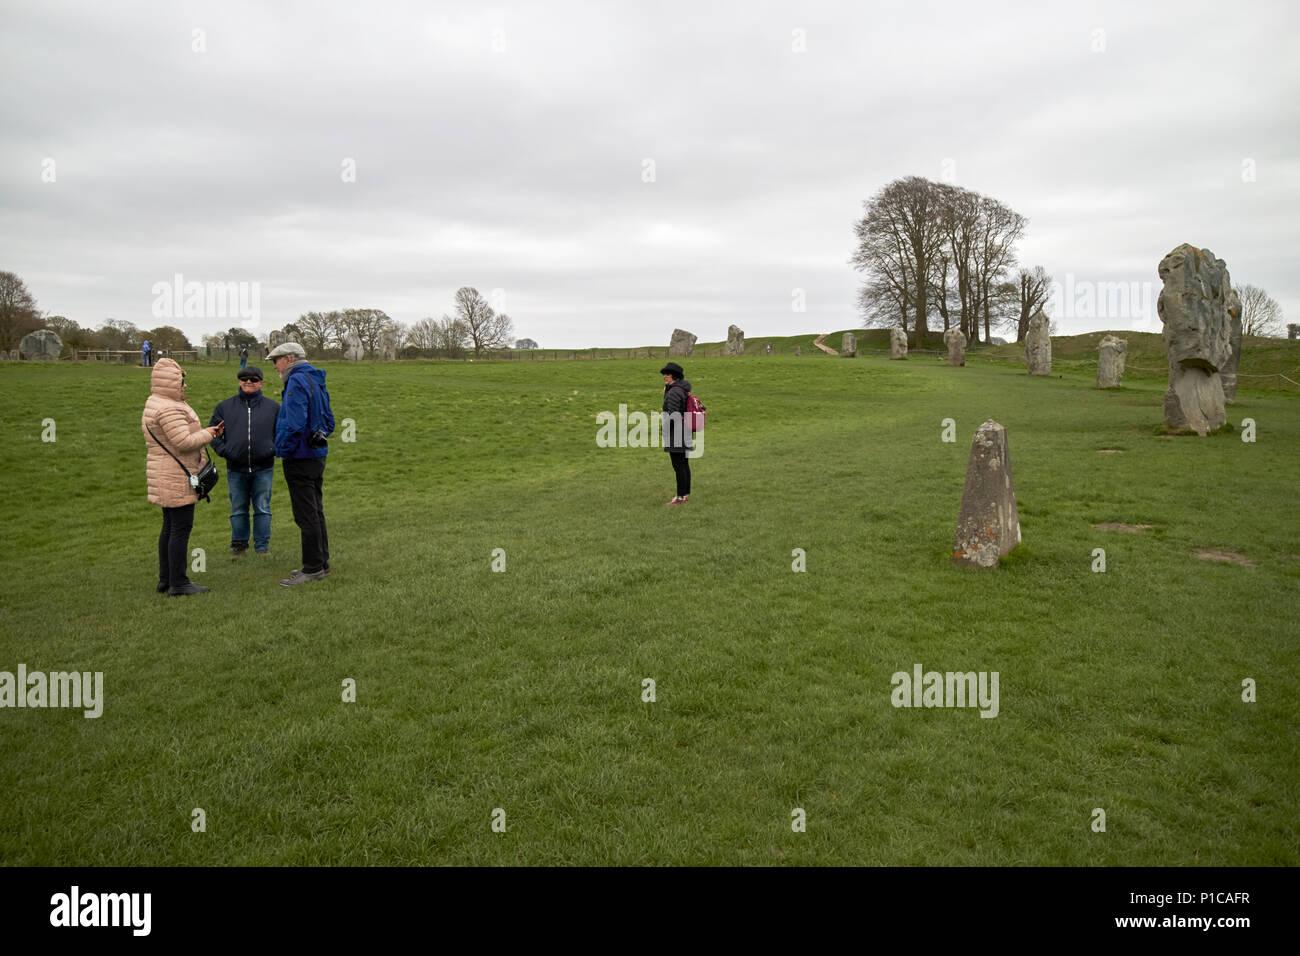 Les touristes sur une journée froide visiter Avebury Stone circles wiltshire england uk Photo Stock